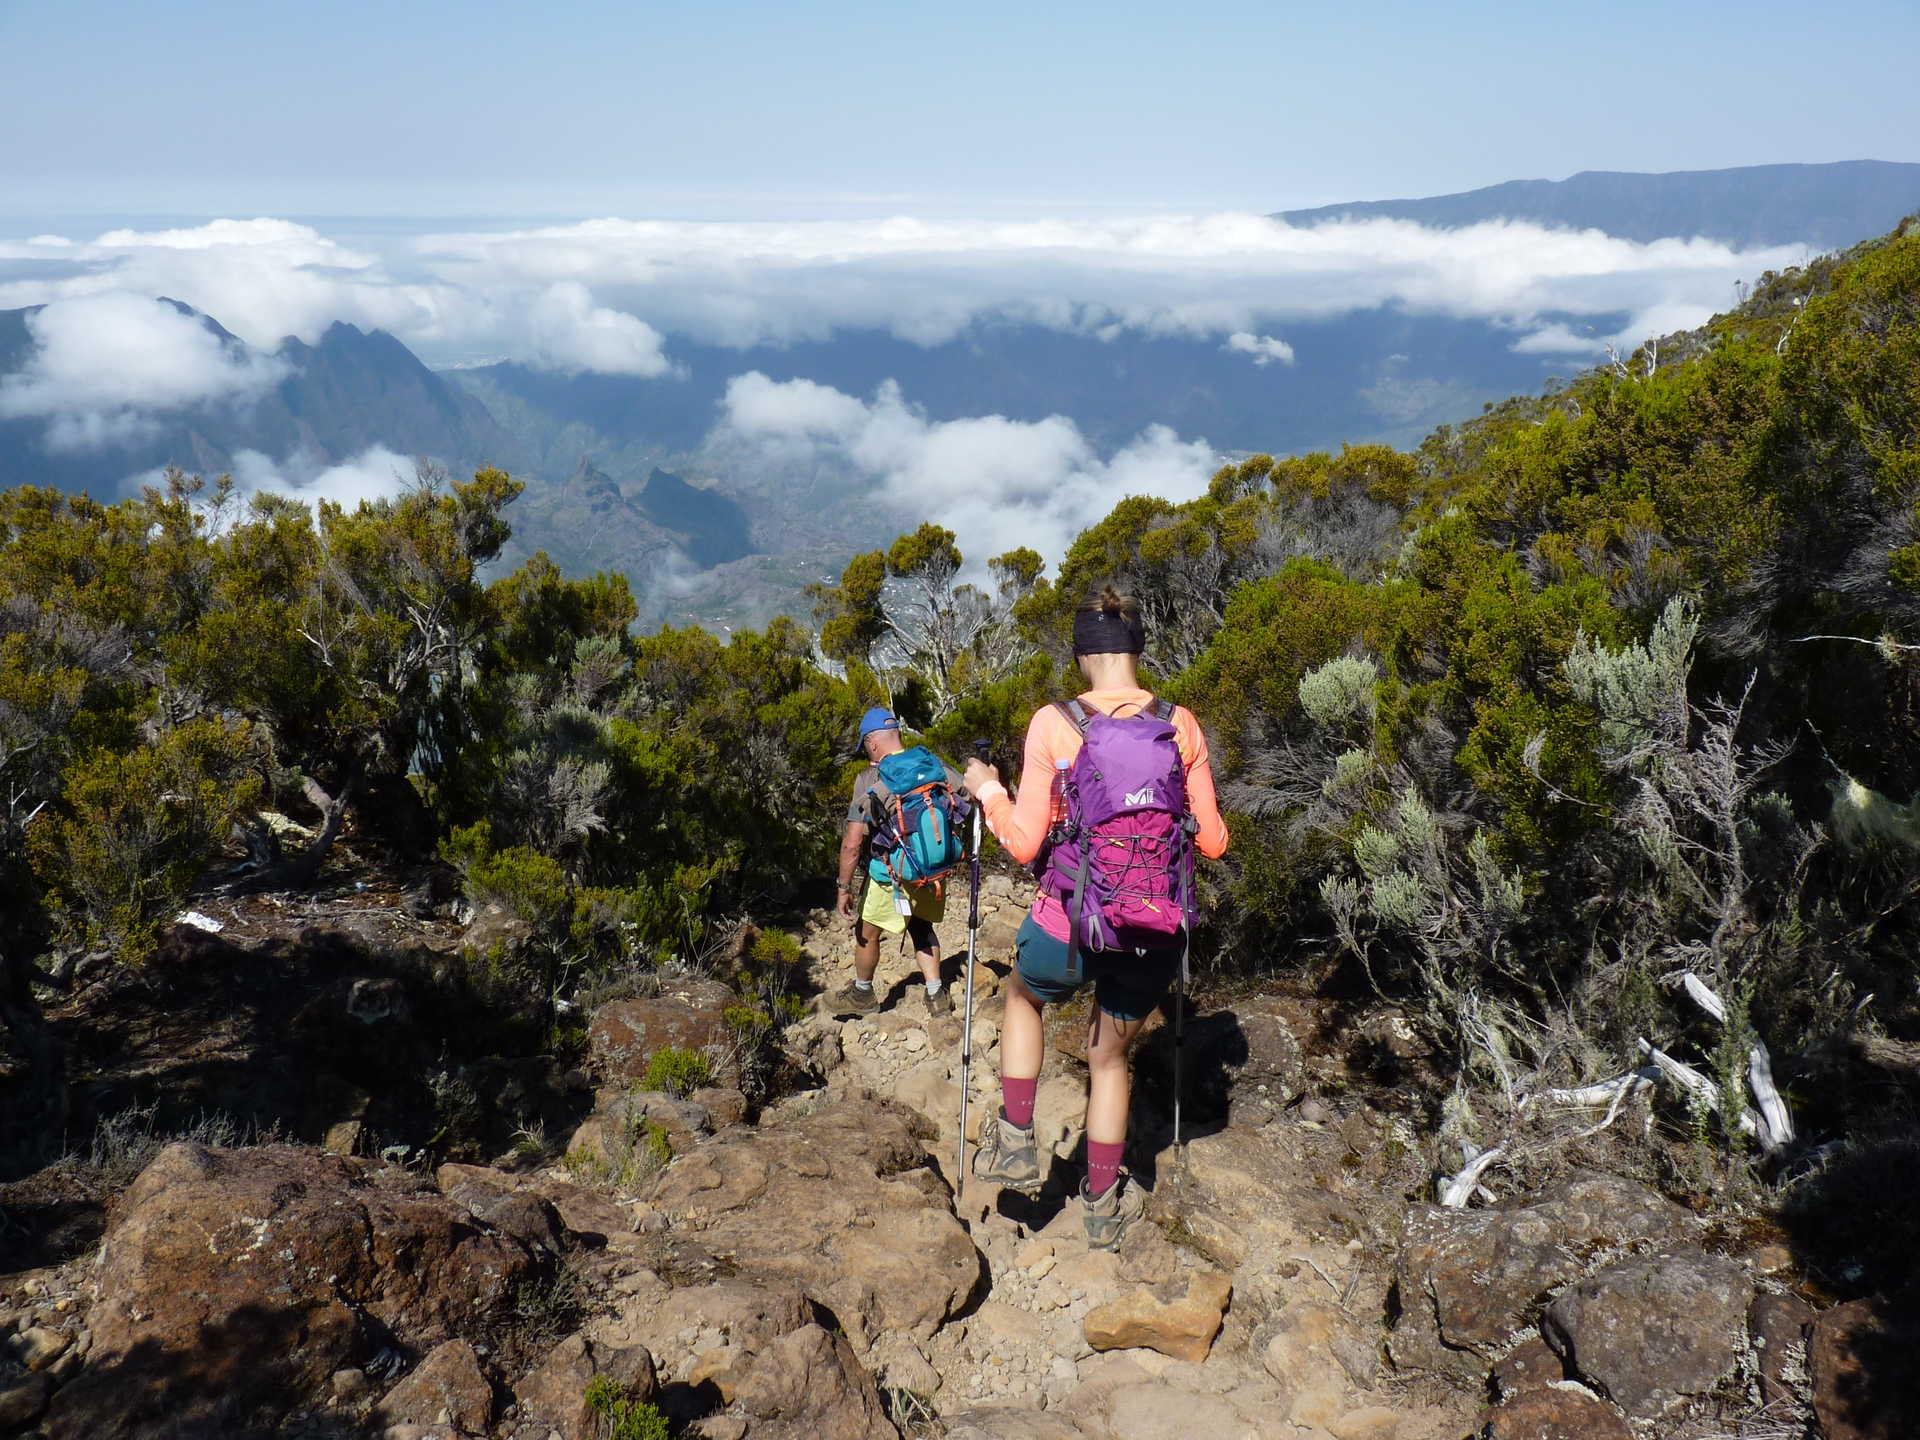 Randonneurs dans la descente vers la Plaine des Cafres, la Réunion